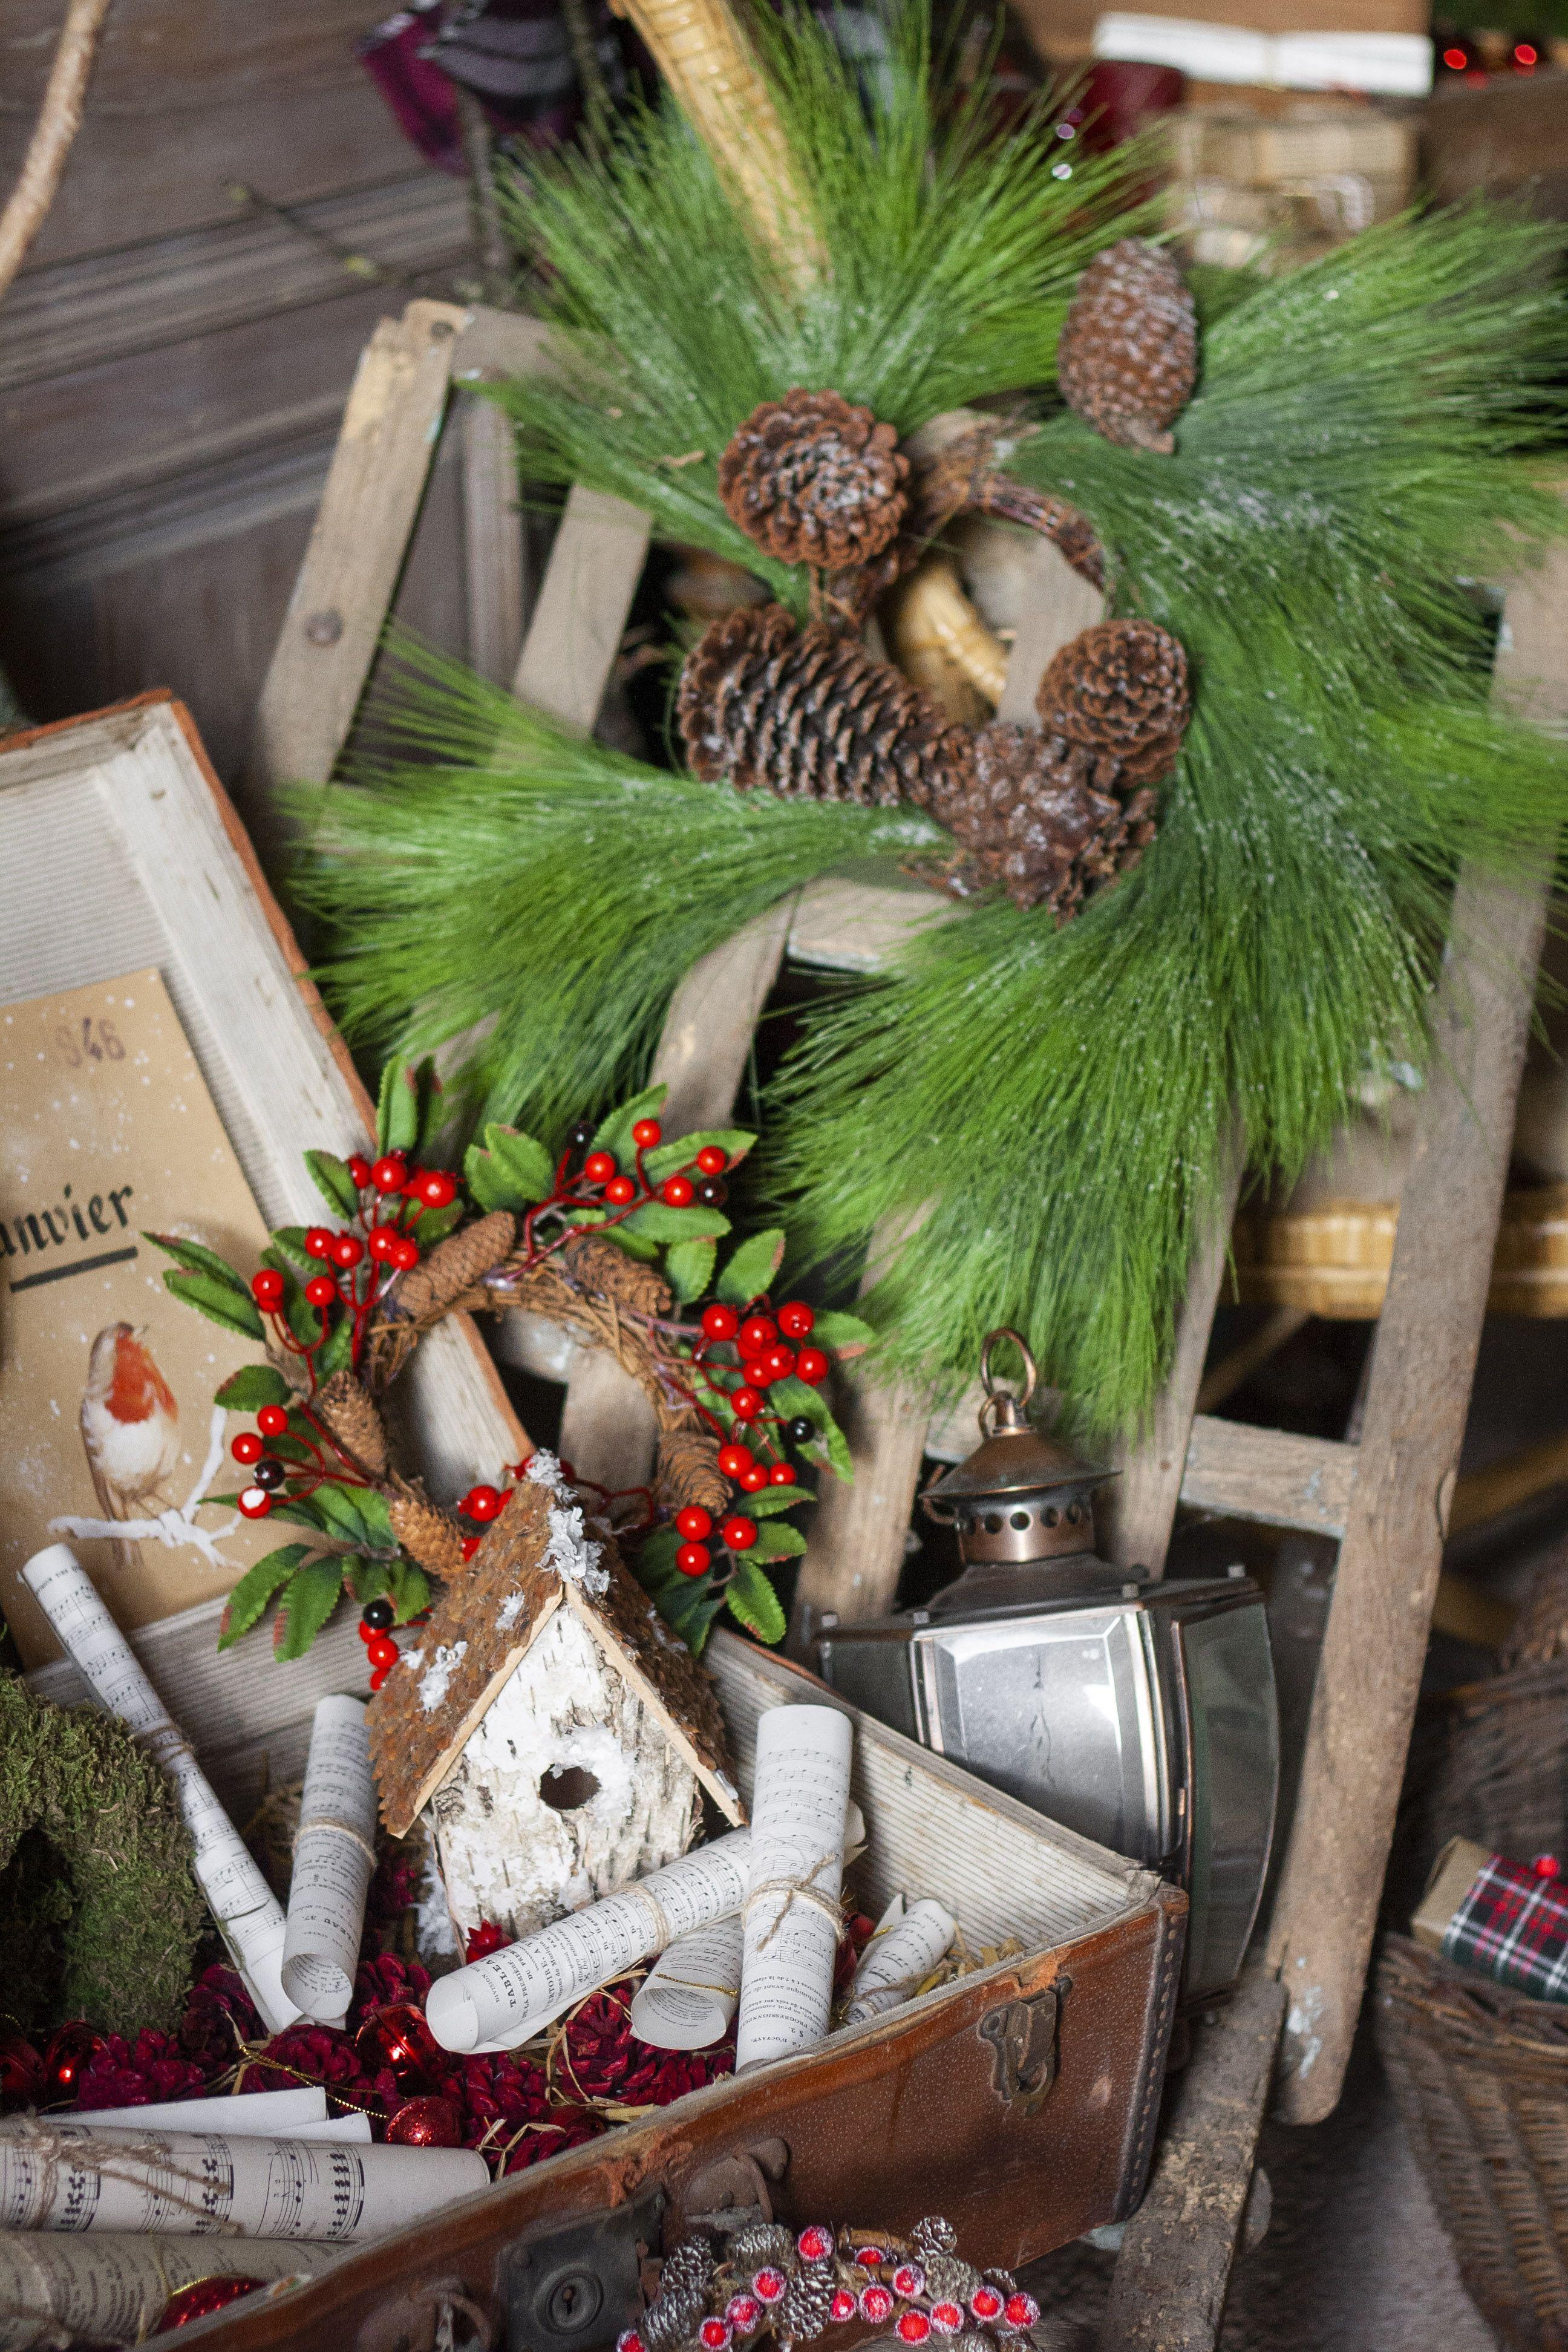 Epingle Par Evelyne Warchol Sur Deco Hiver Et Noel Couronne Noel Decoration Fete Deco Hiver